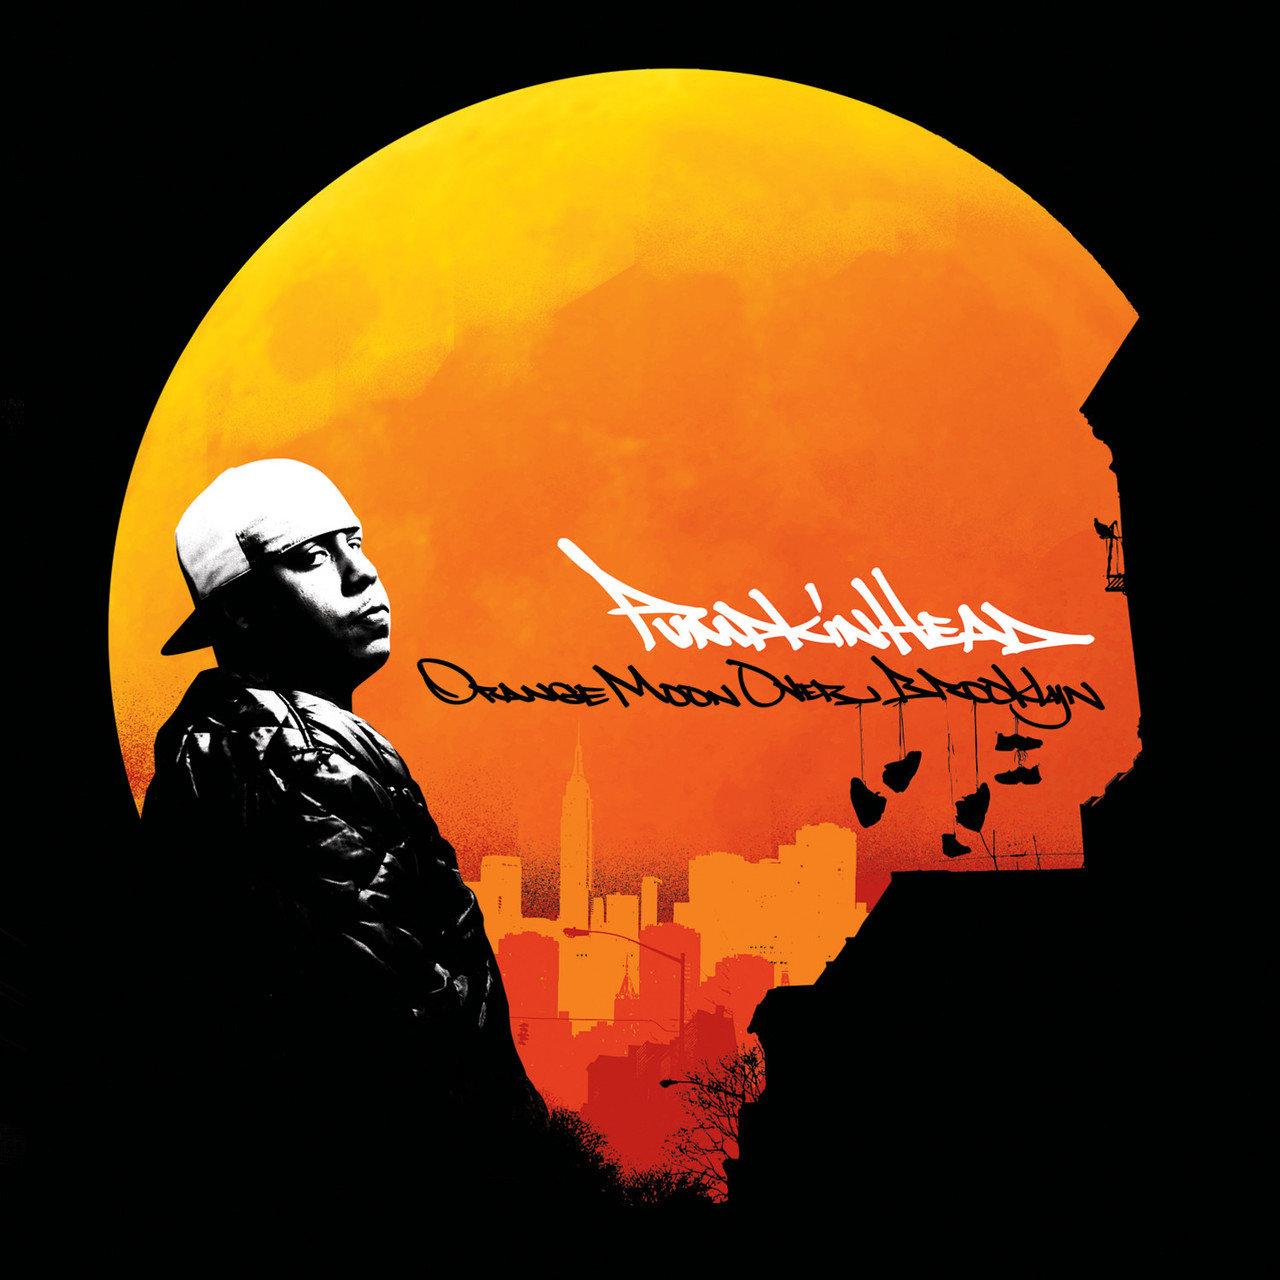 Pumpkinhead – Orange Moon Over Brooklyn